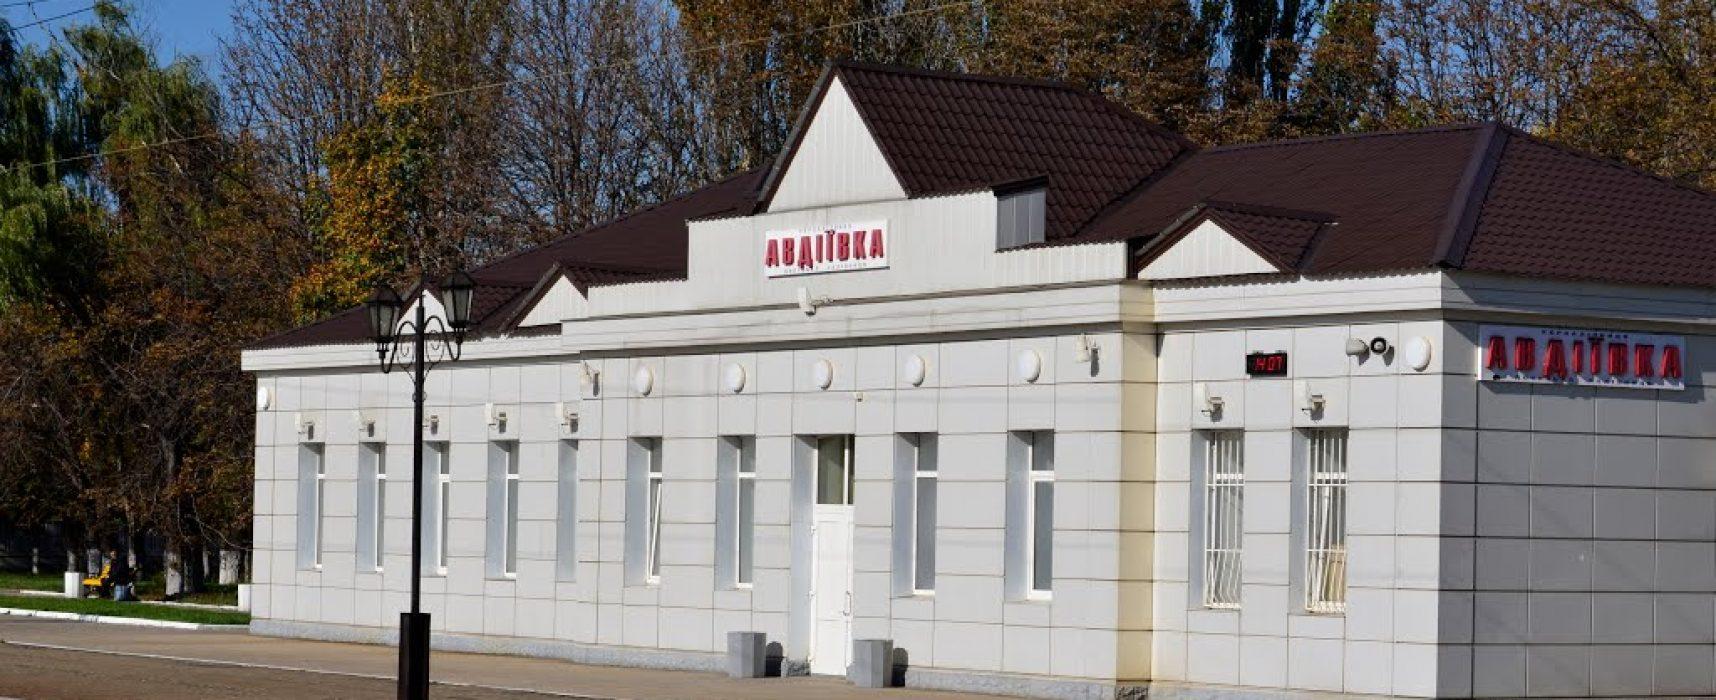 Avdiivka, il Donbas che non ti aspetti